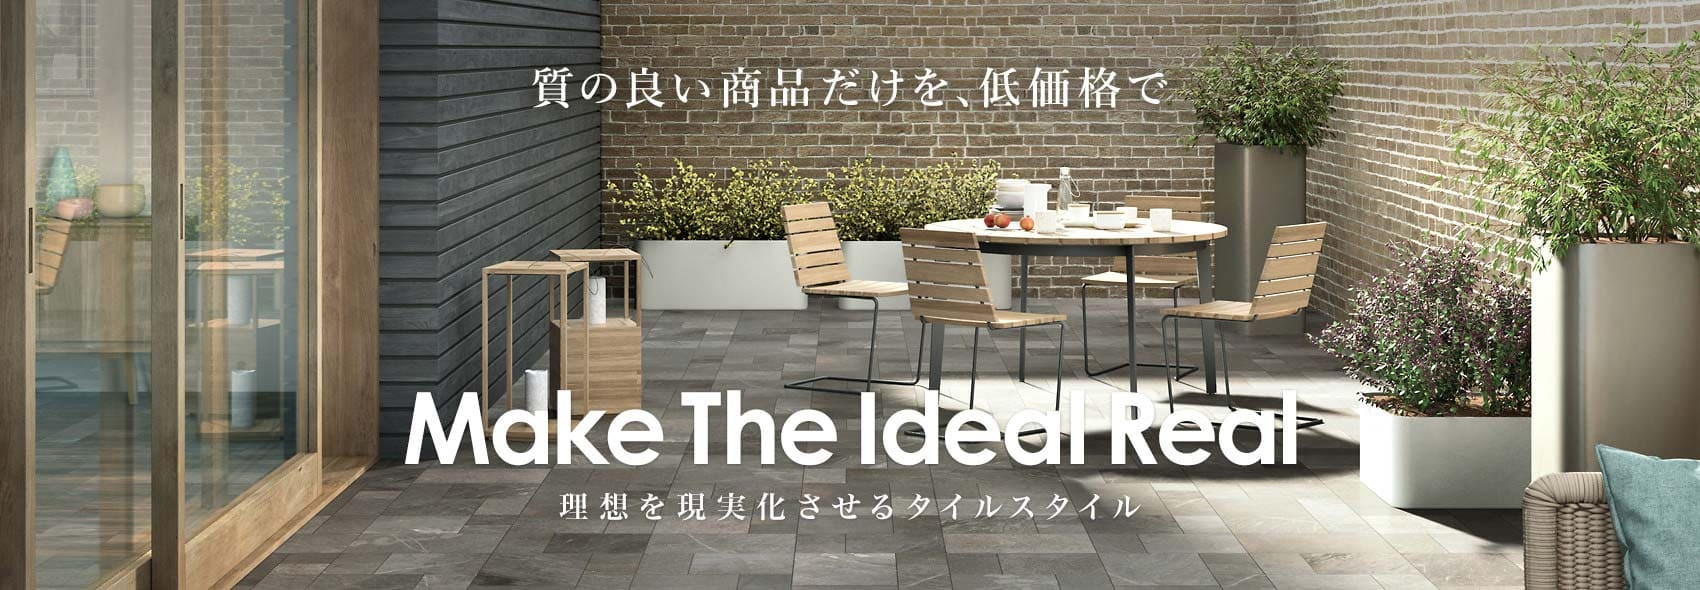 質の良い商品だけを、低価格で理想を現実化させるタイルスタイル